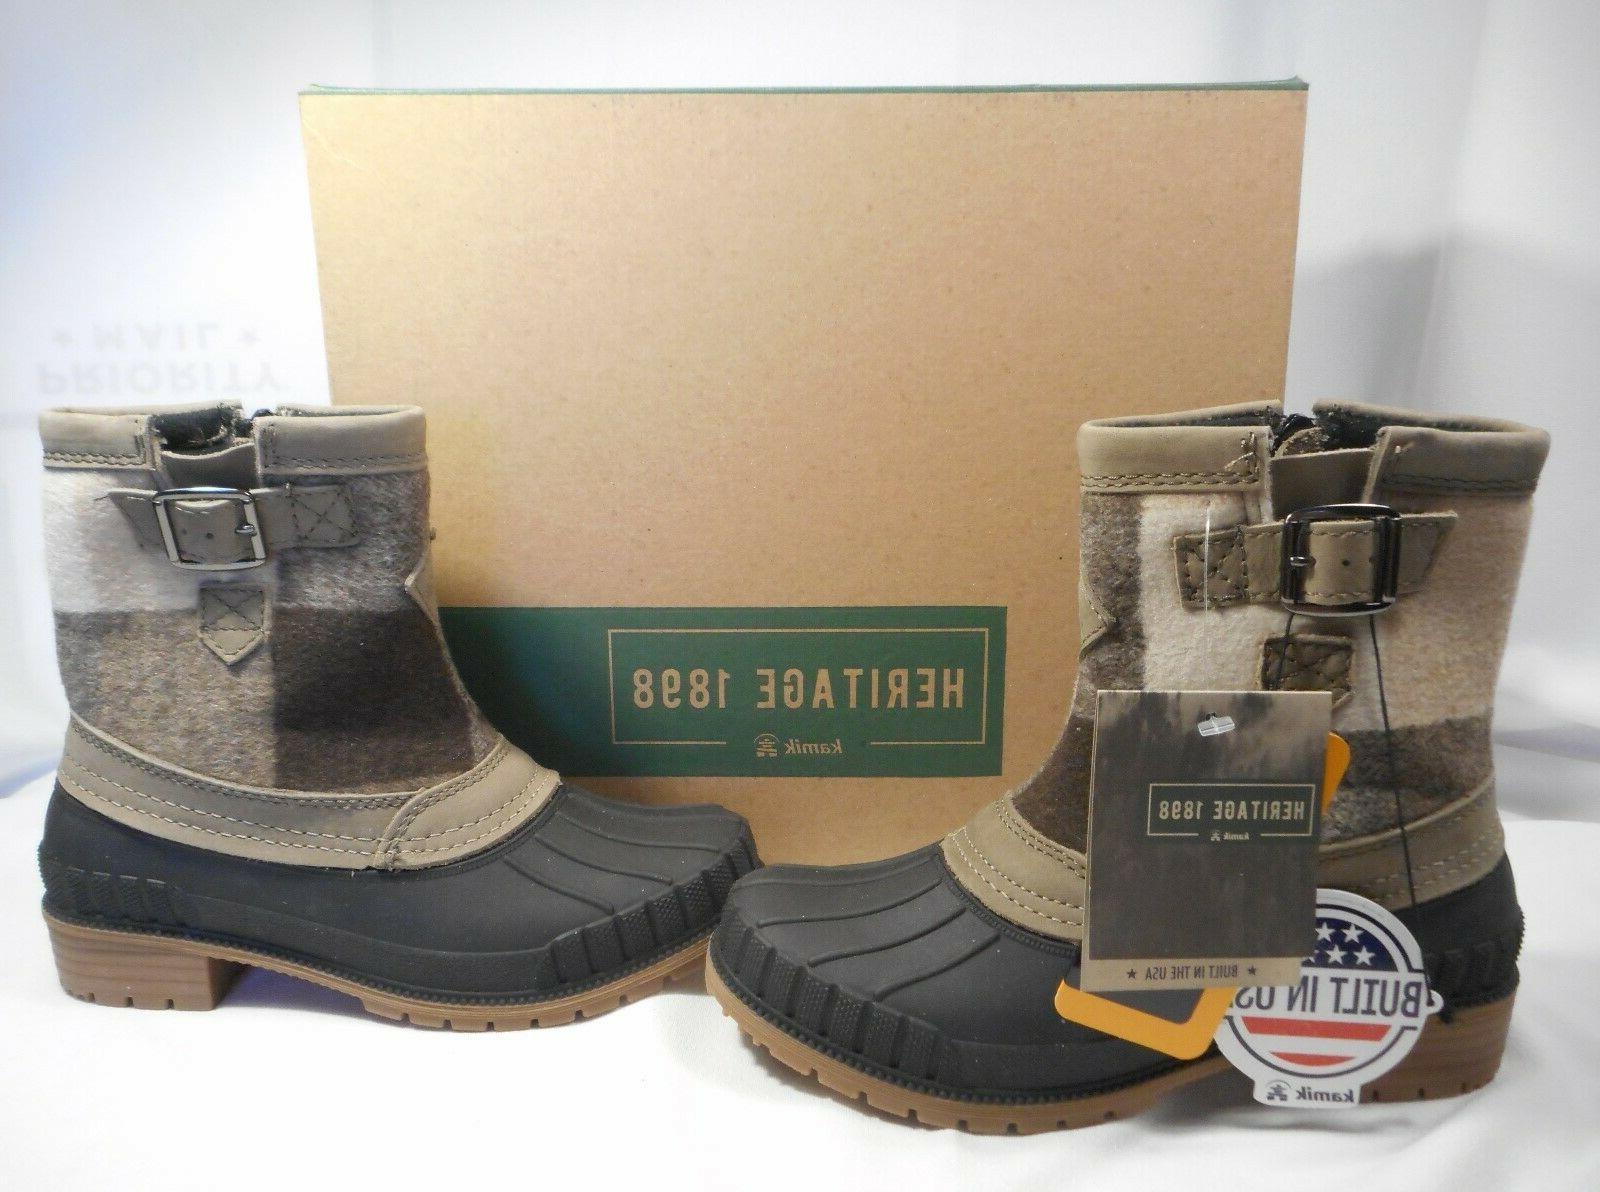 Kamik Insulated Boots Lightweight Sz 7 Rt. $110